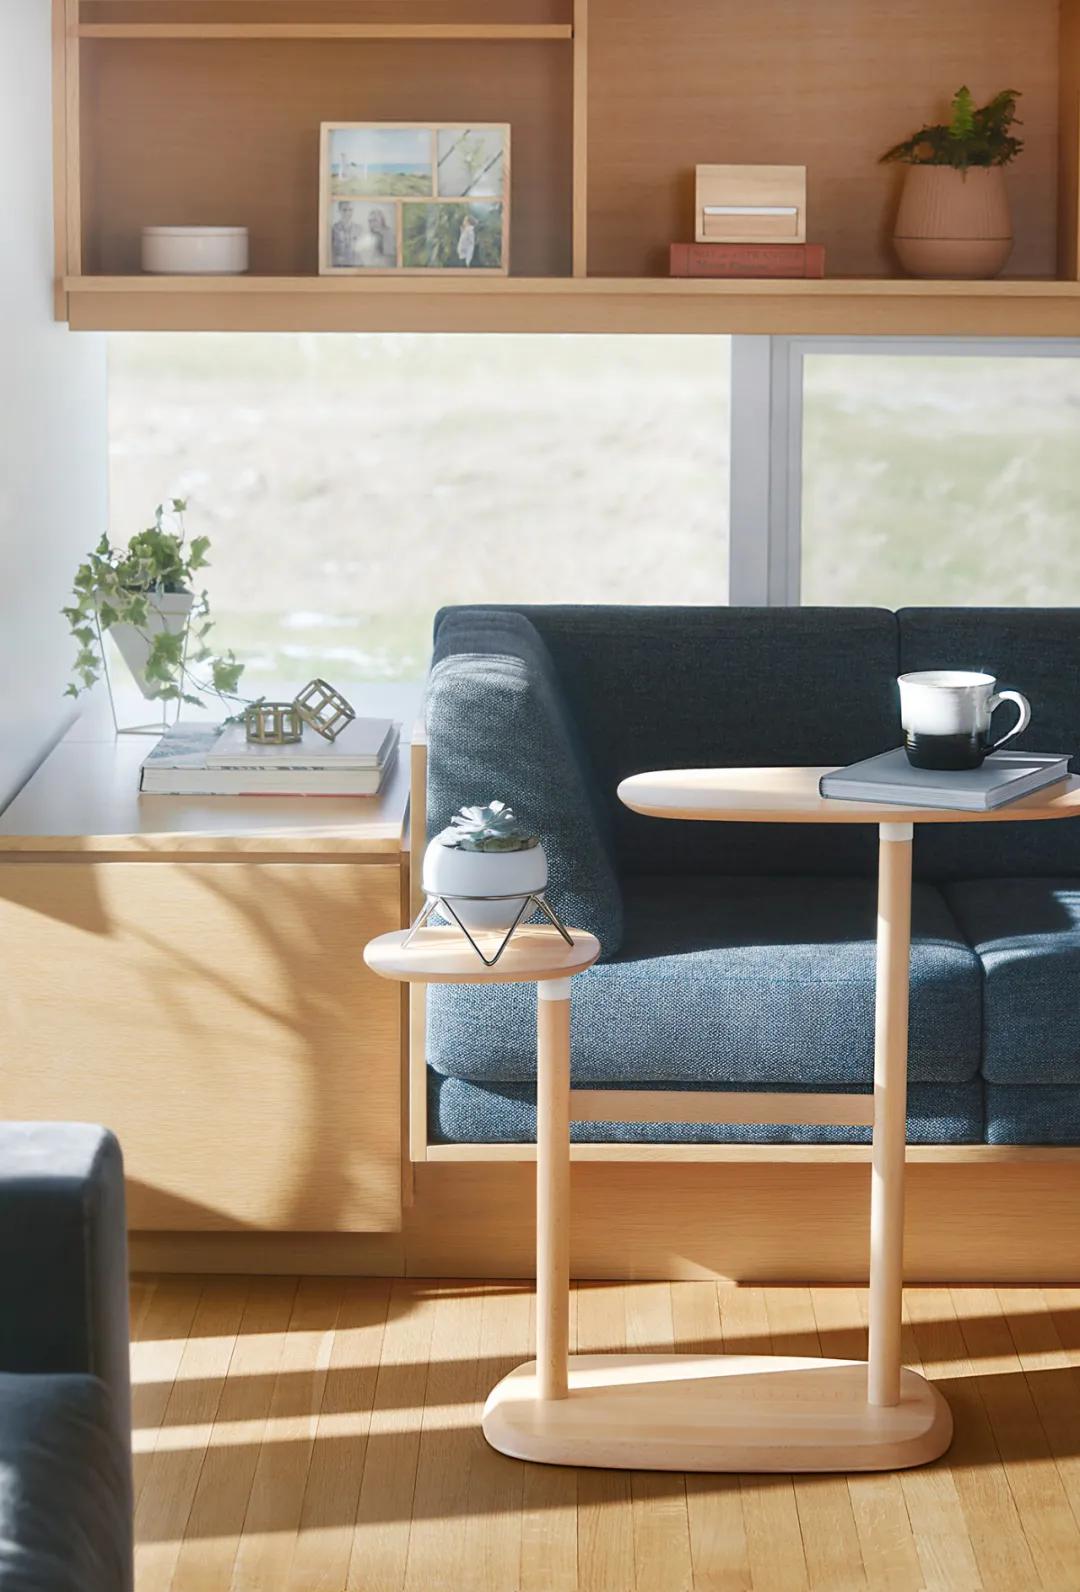 多角度家居设计,打破传统对称美